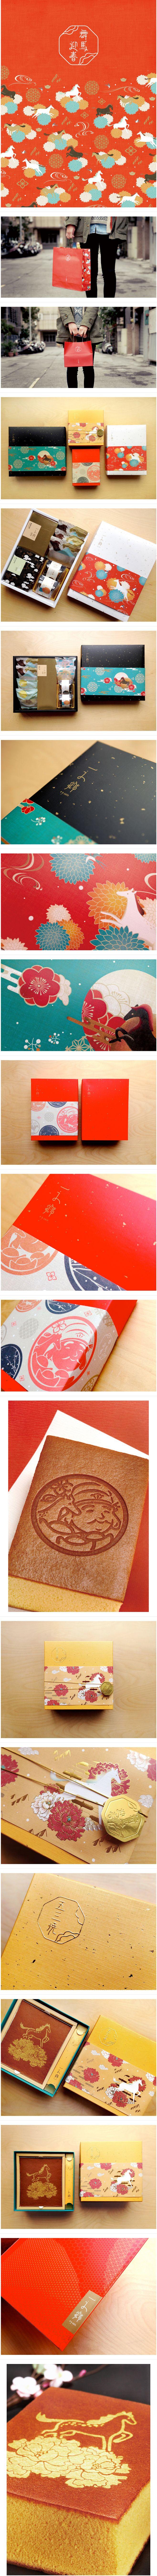 E-g-sain台湾一之乡品牌设计 非常... #和